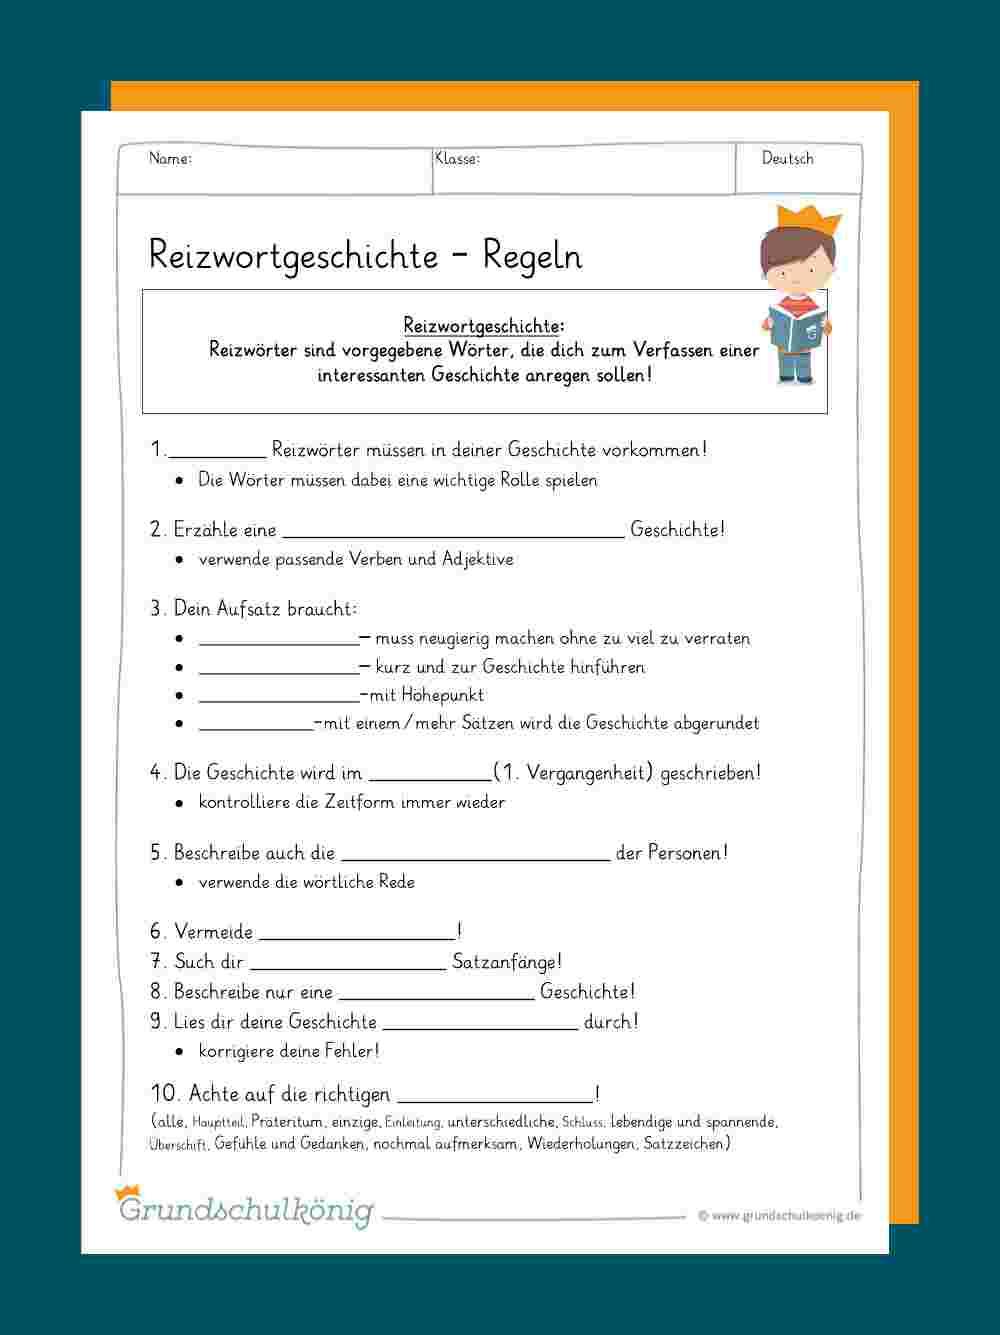 Reizwortgeschichte innen Aufsatz Schreiben 3 Klasse